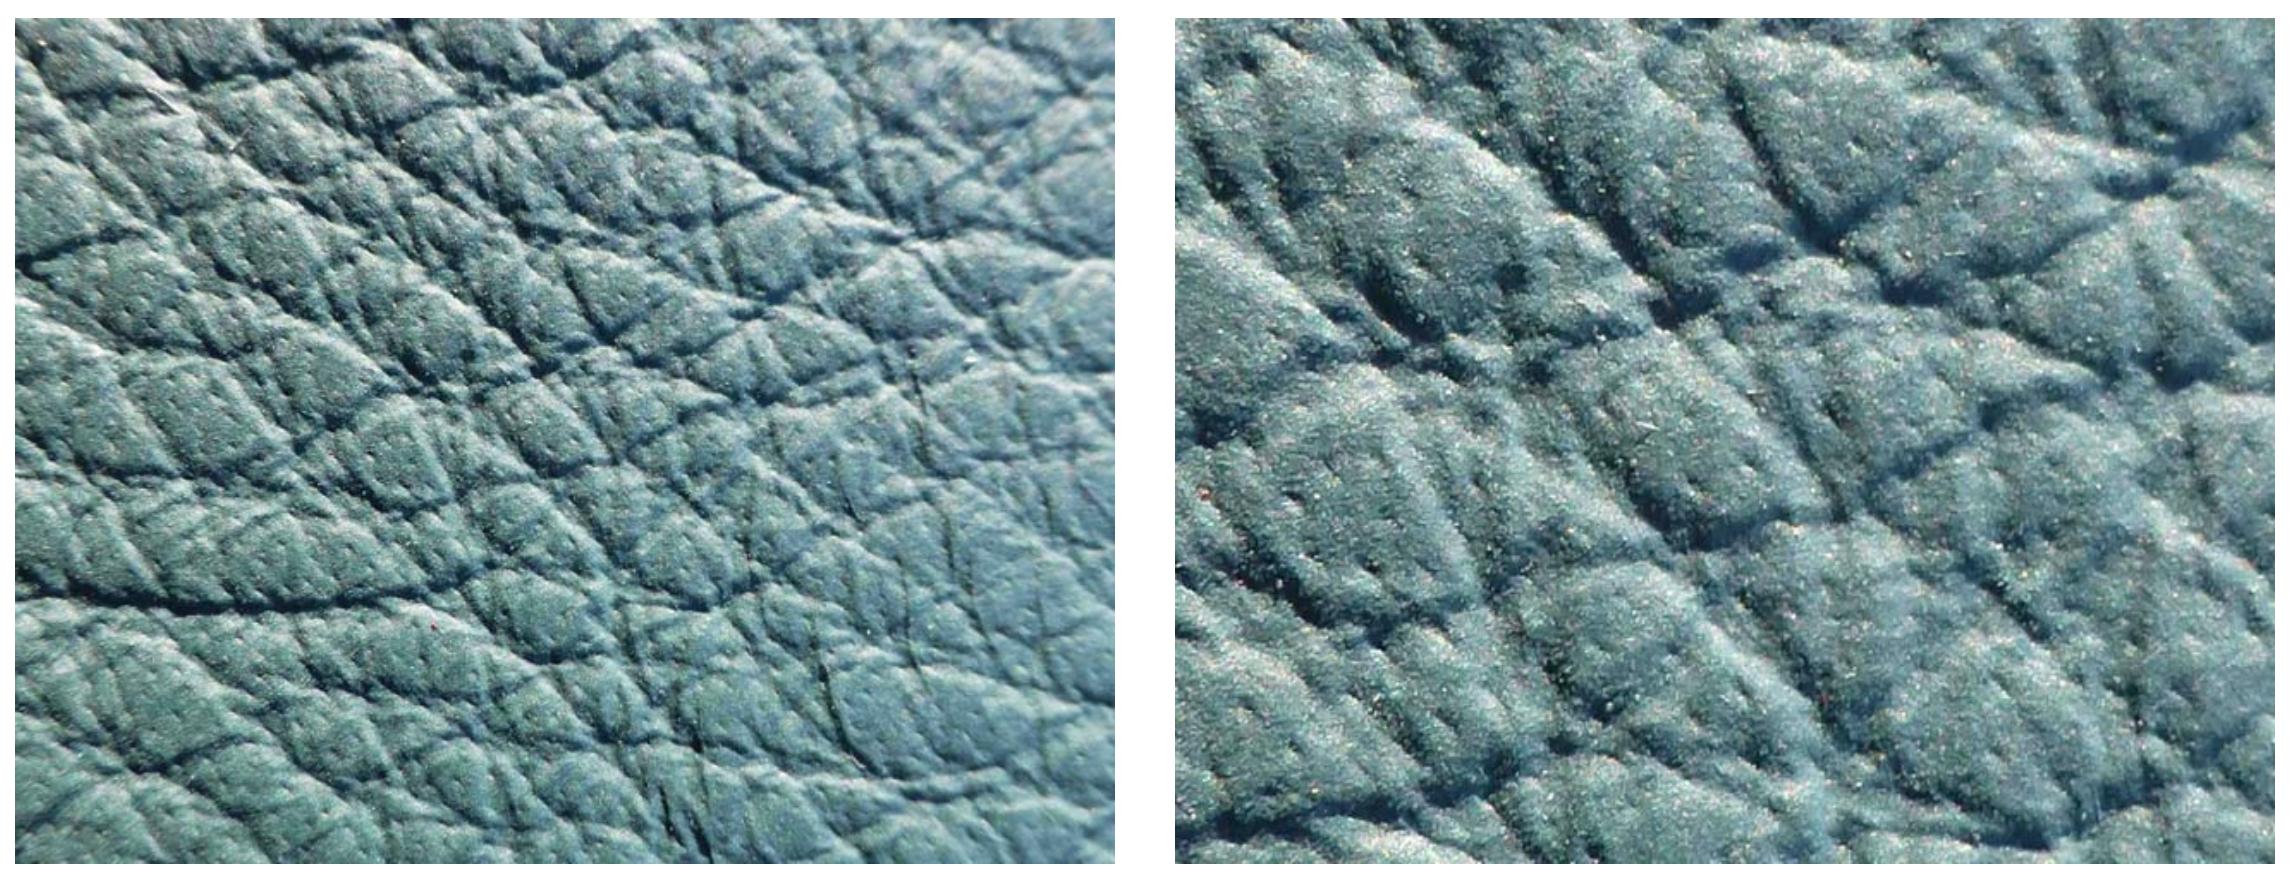 Un cuir qui est entre deux catégories, la couche de pigment est supérieure à certains cuirs semi-anilines mais inférieure à certains cuirs pigmentés. Certains pores sont encore visibles, la classification est difficile. (source colourlock)